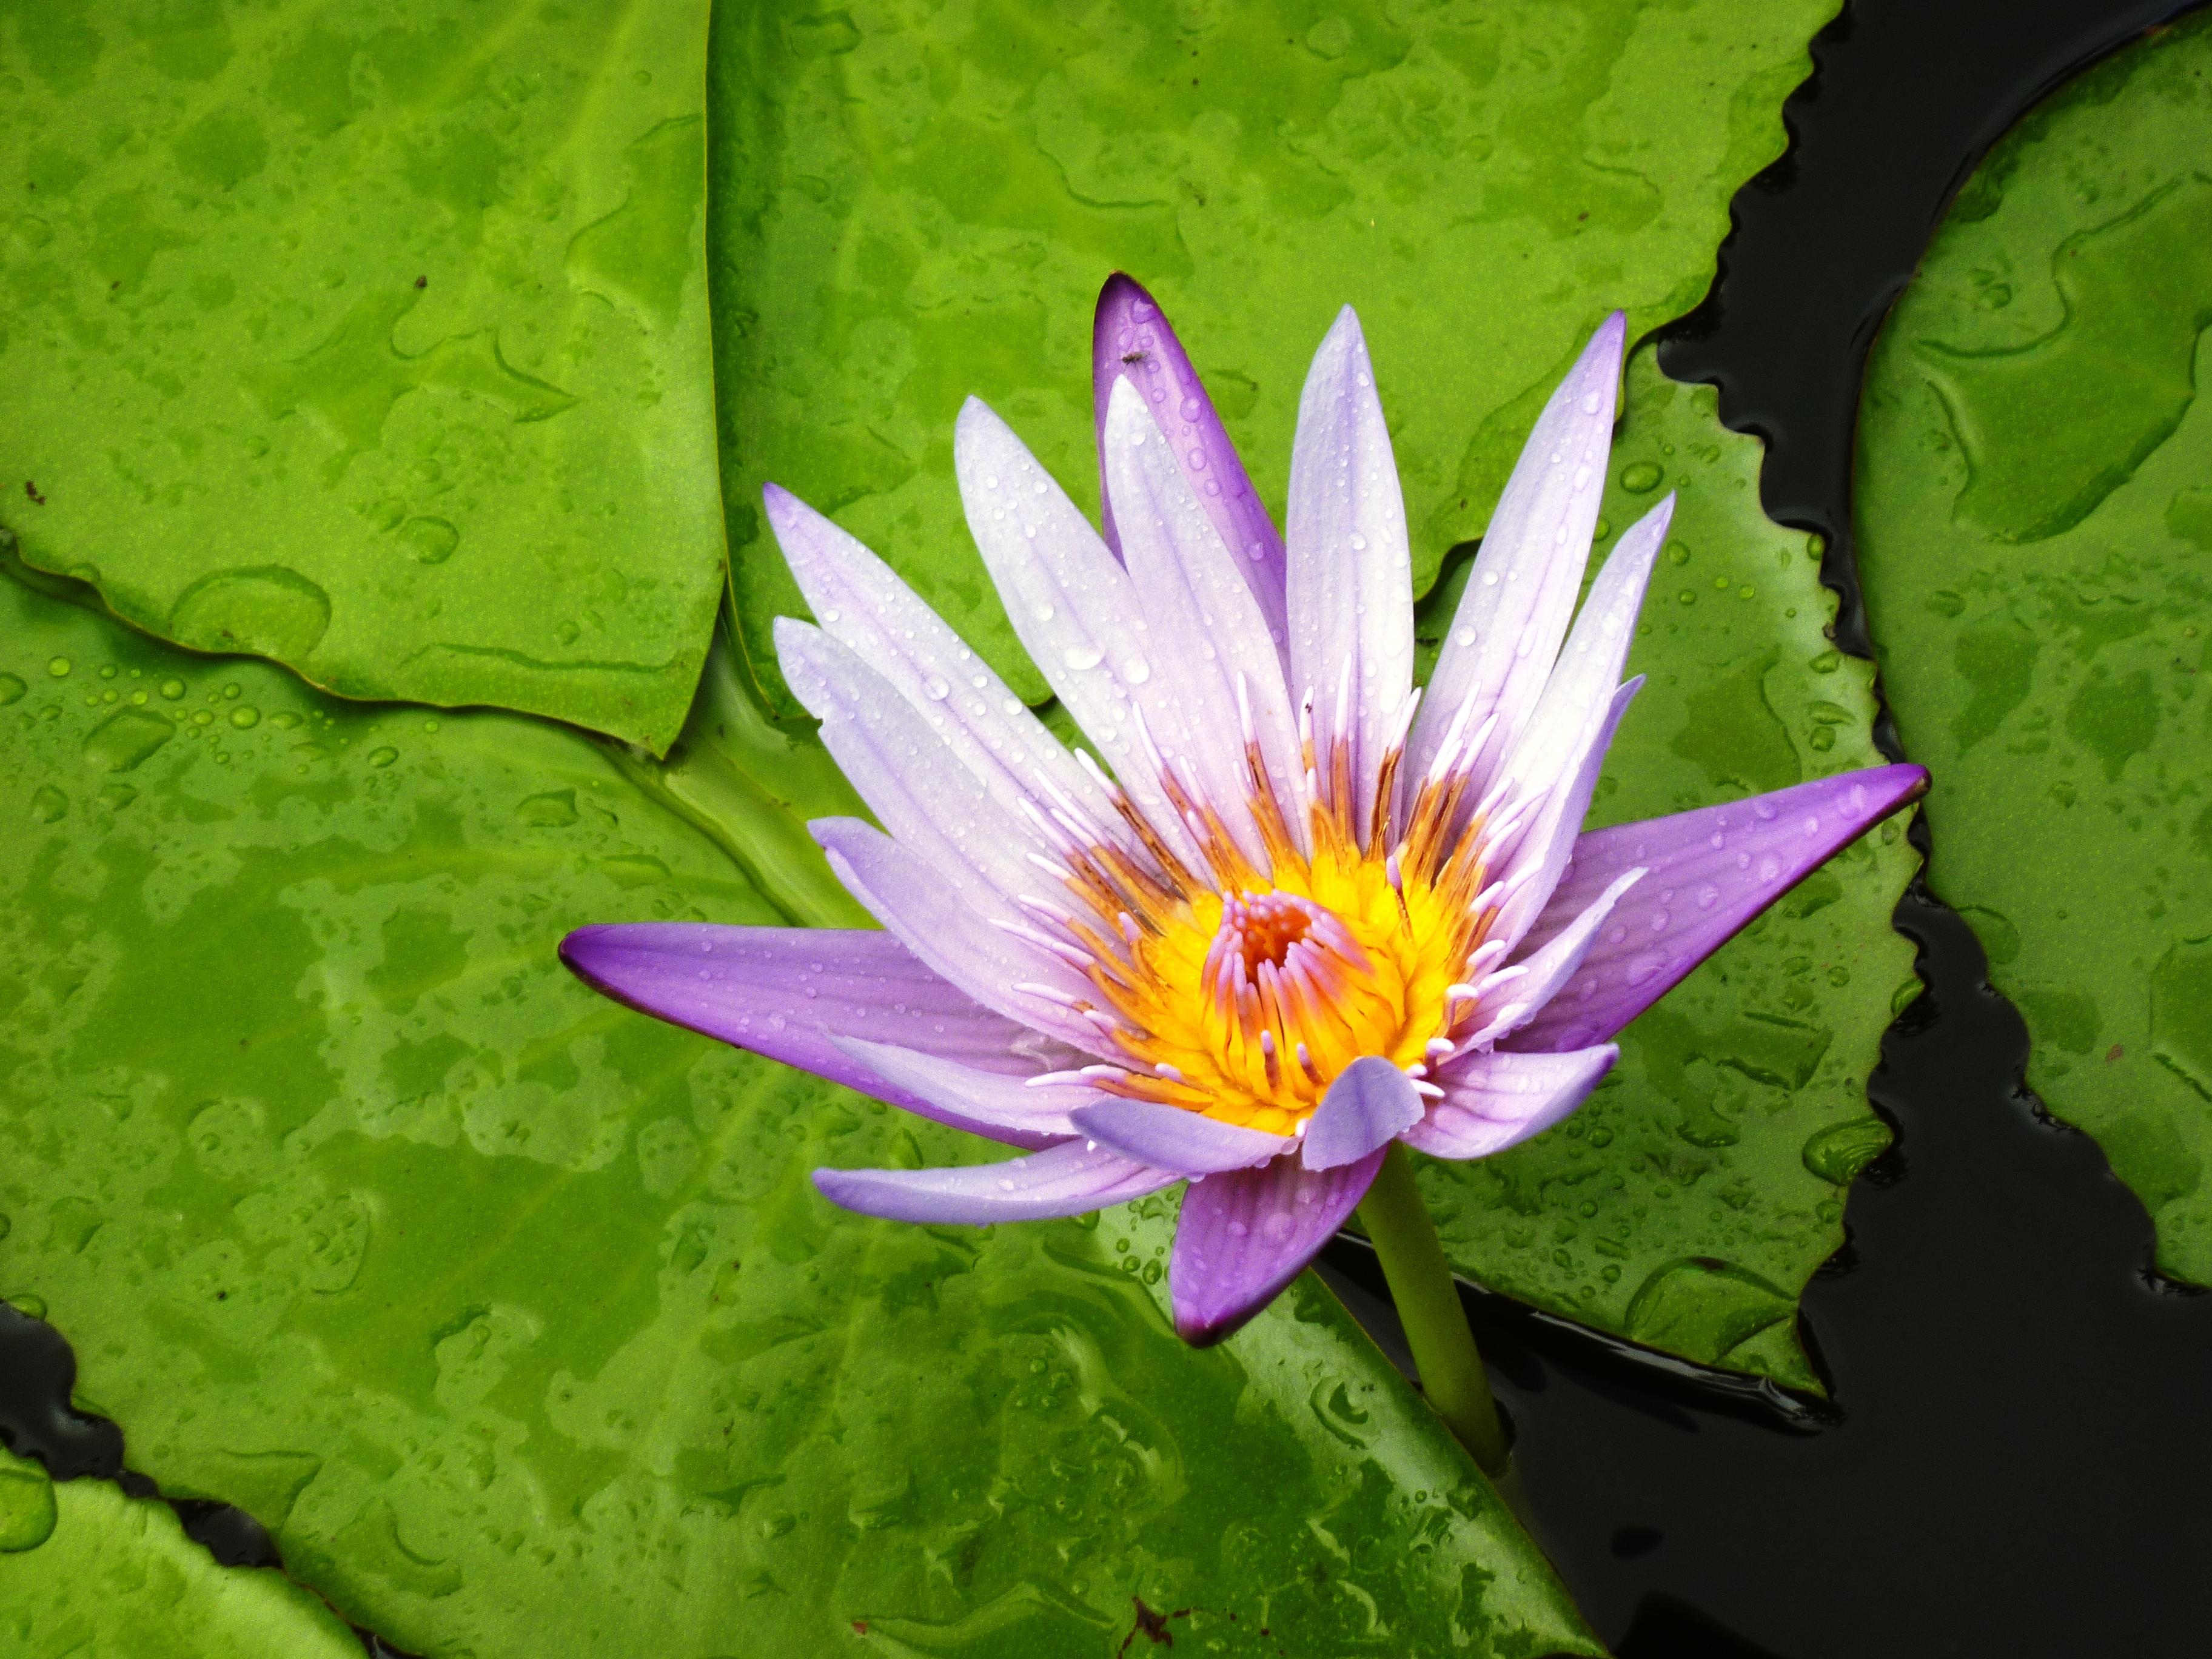 Fiore di loto: simbologia, tatuaggi e significato